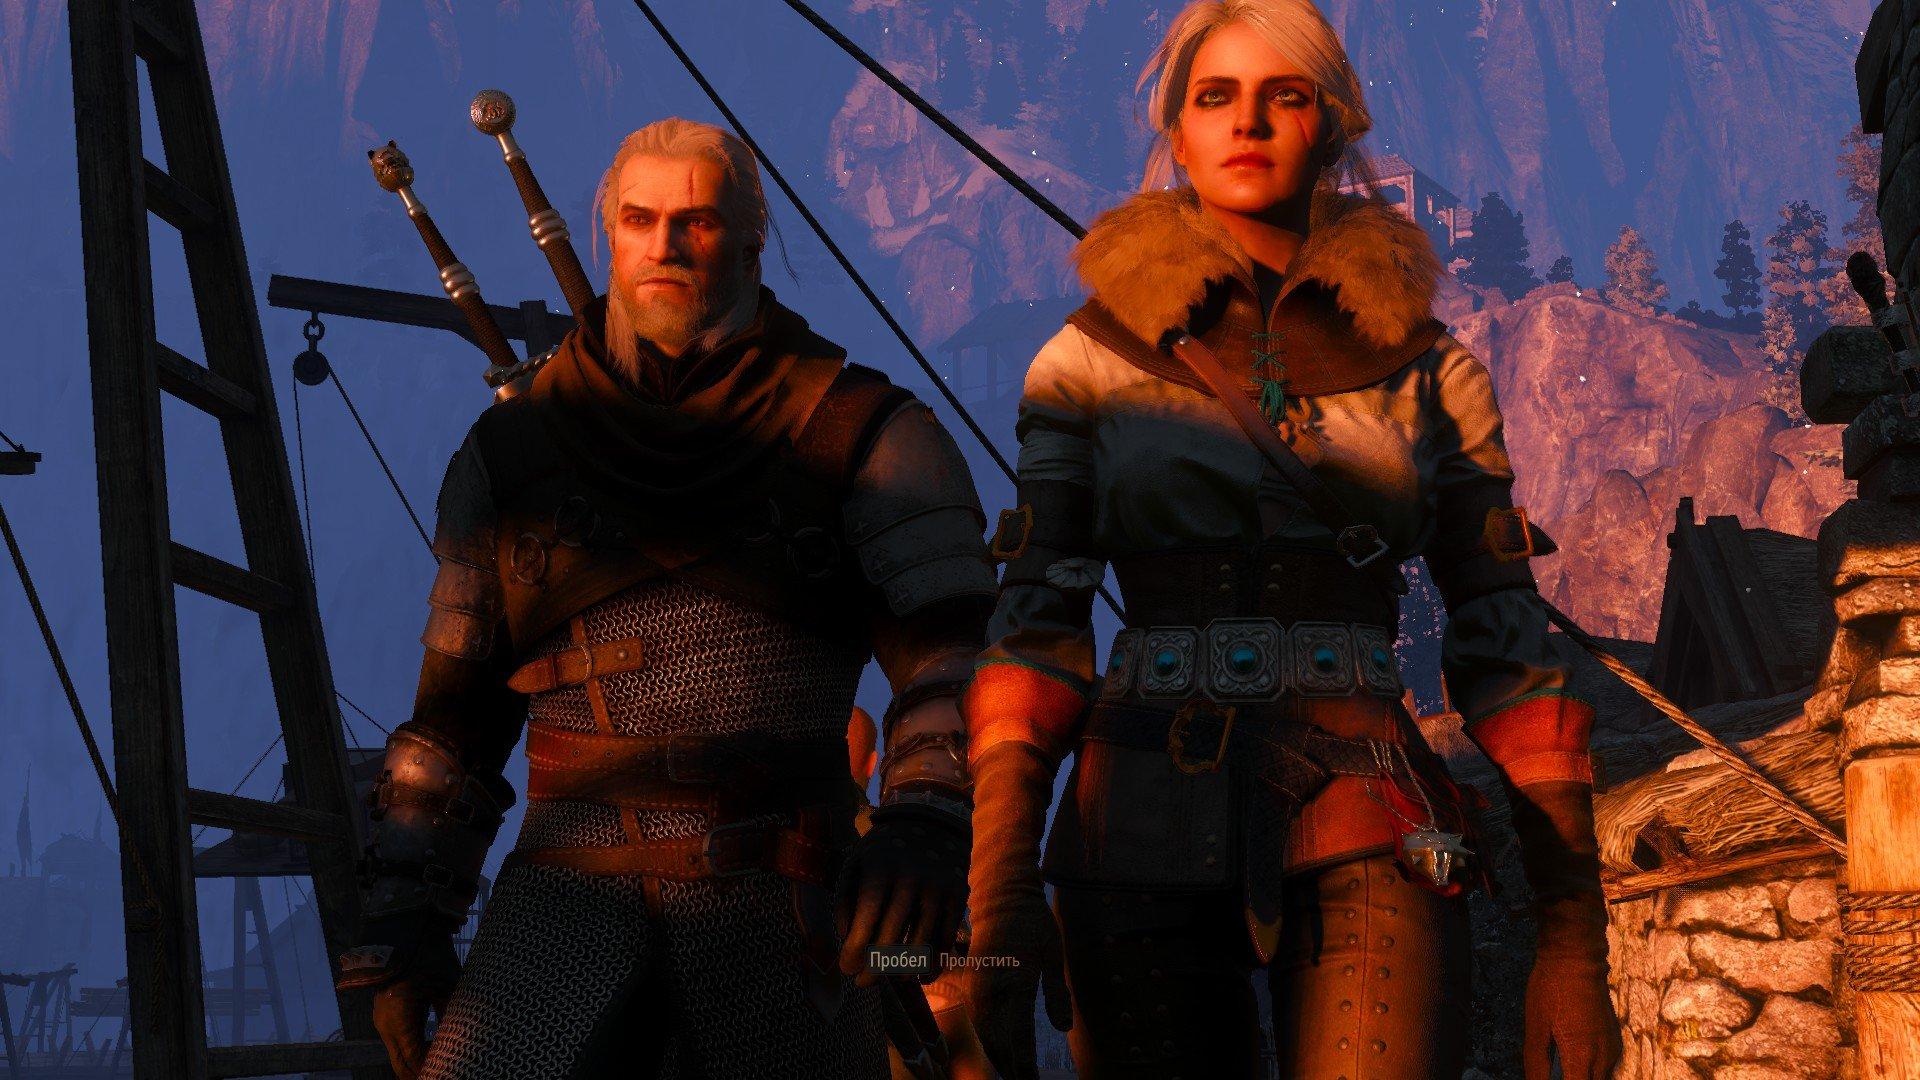 The Witcher 3: Wild Hunt. Вышел патч 1.08.   CD Projekt Red выпустили патч 1.08 на все платформы. Кроме исправлений, .... - Изображение 1